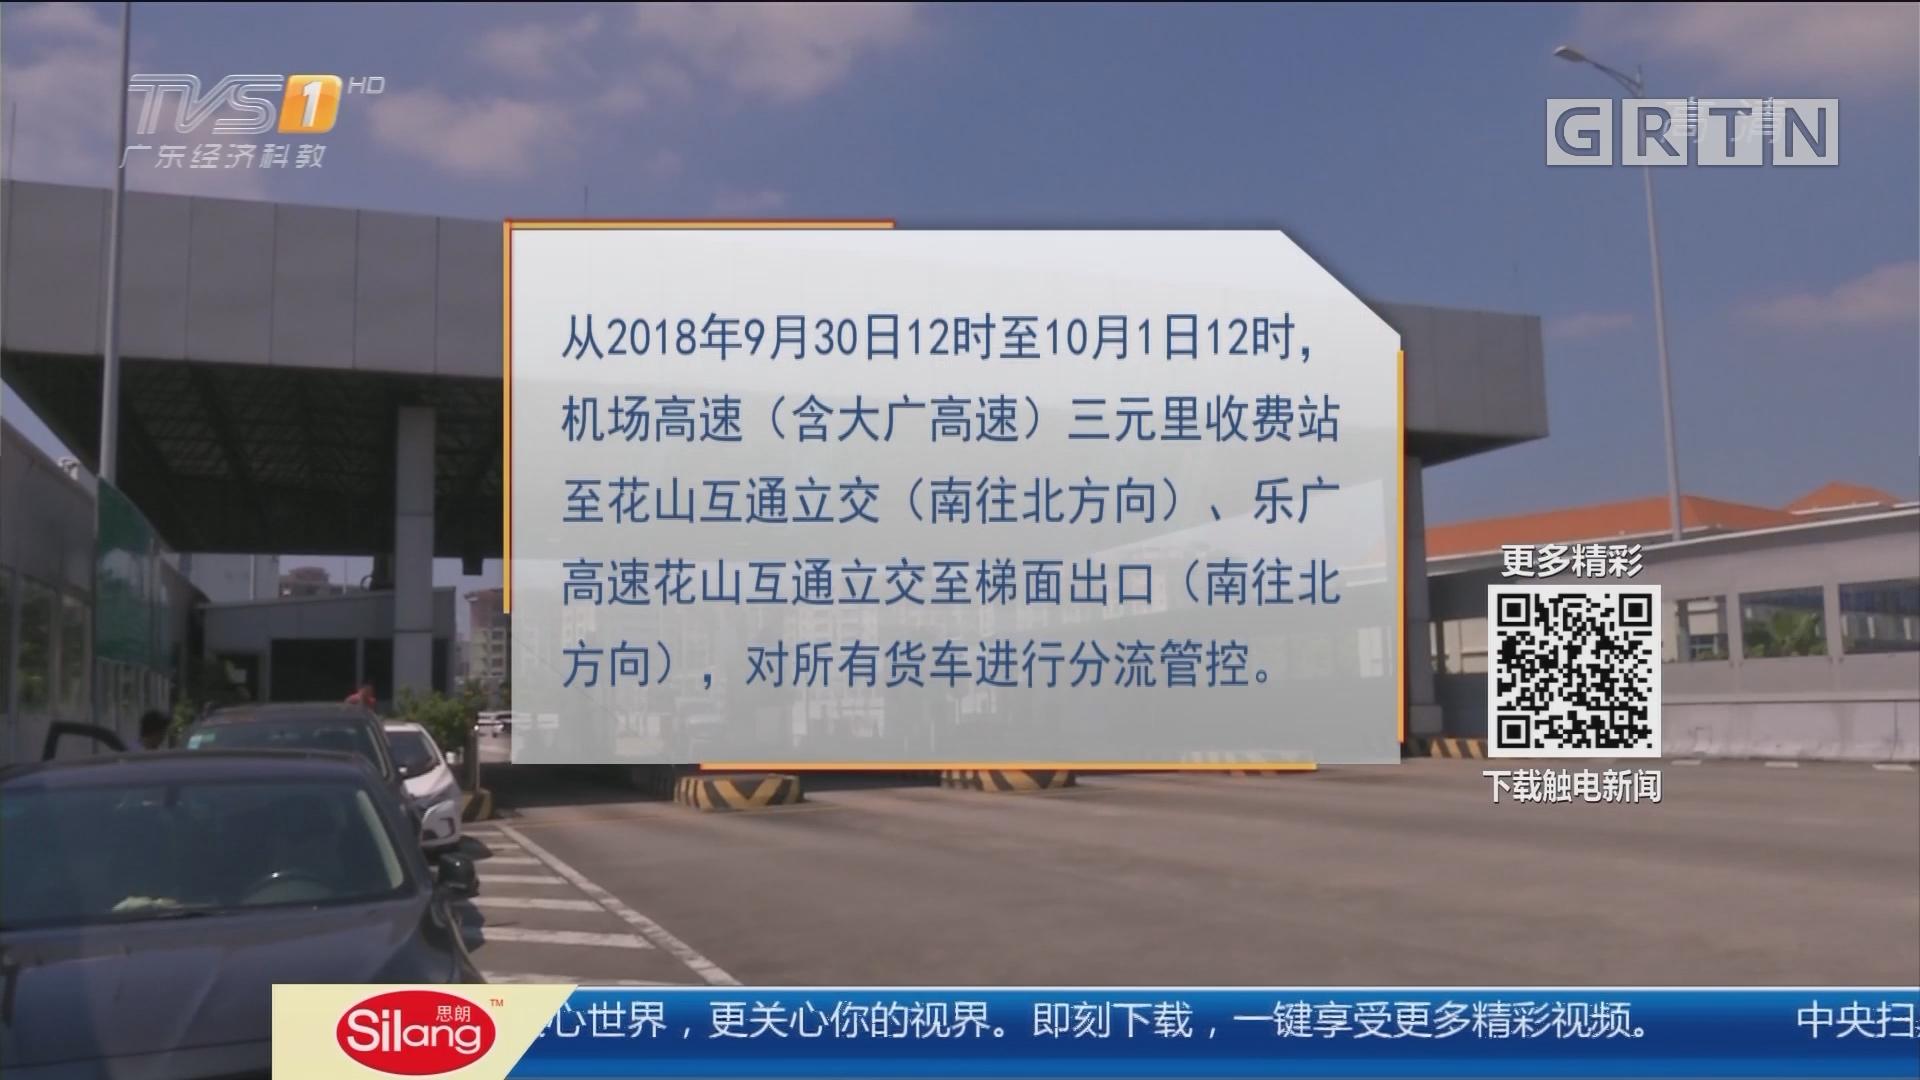 长假出行提醒:广州机场高速部分路段实施交通管制